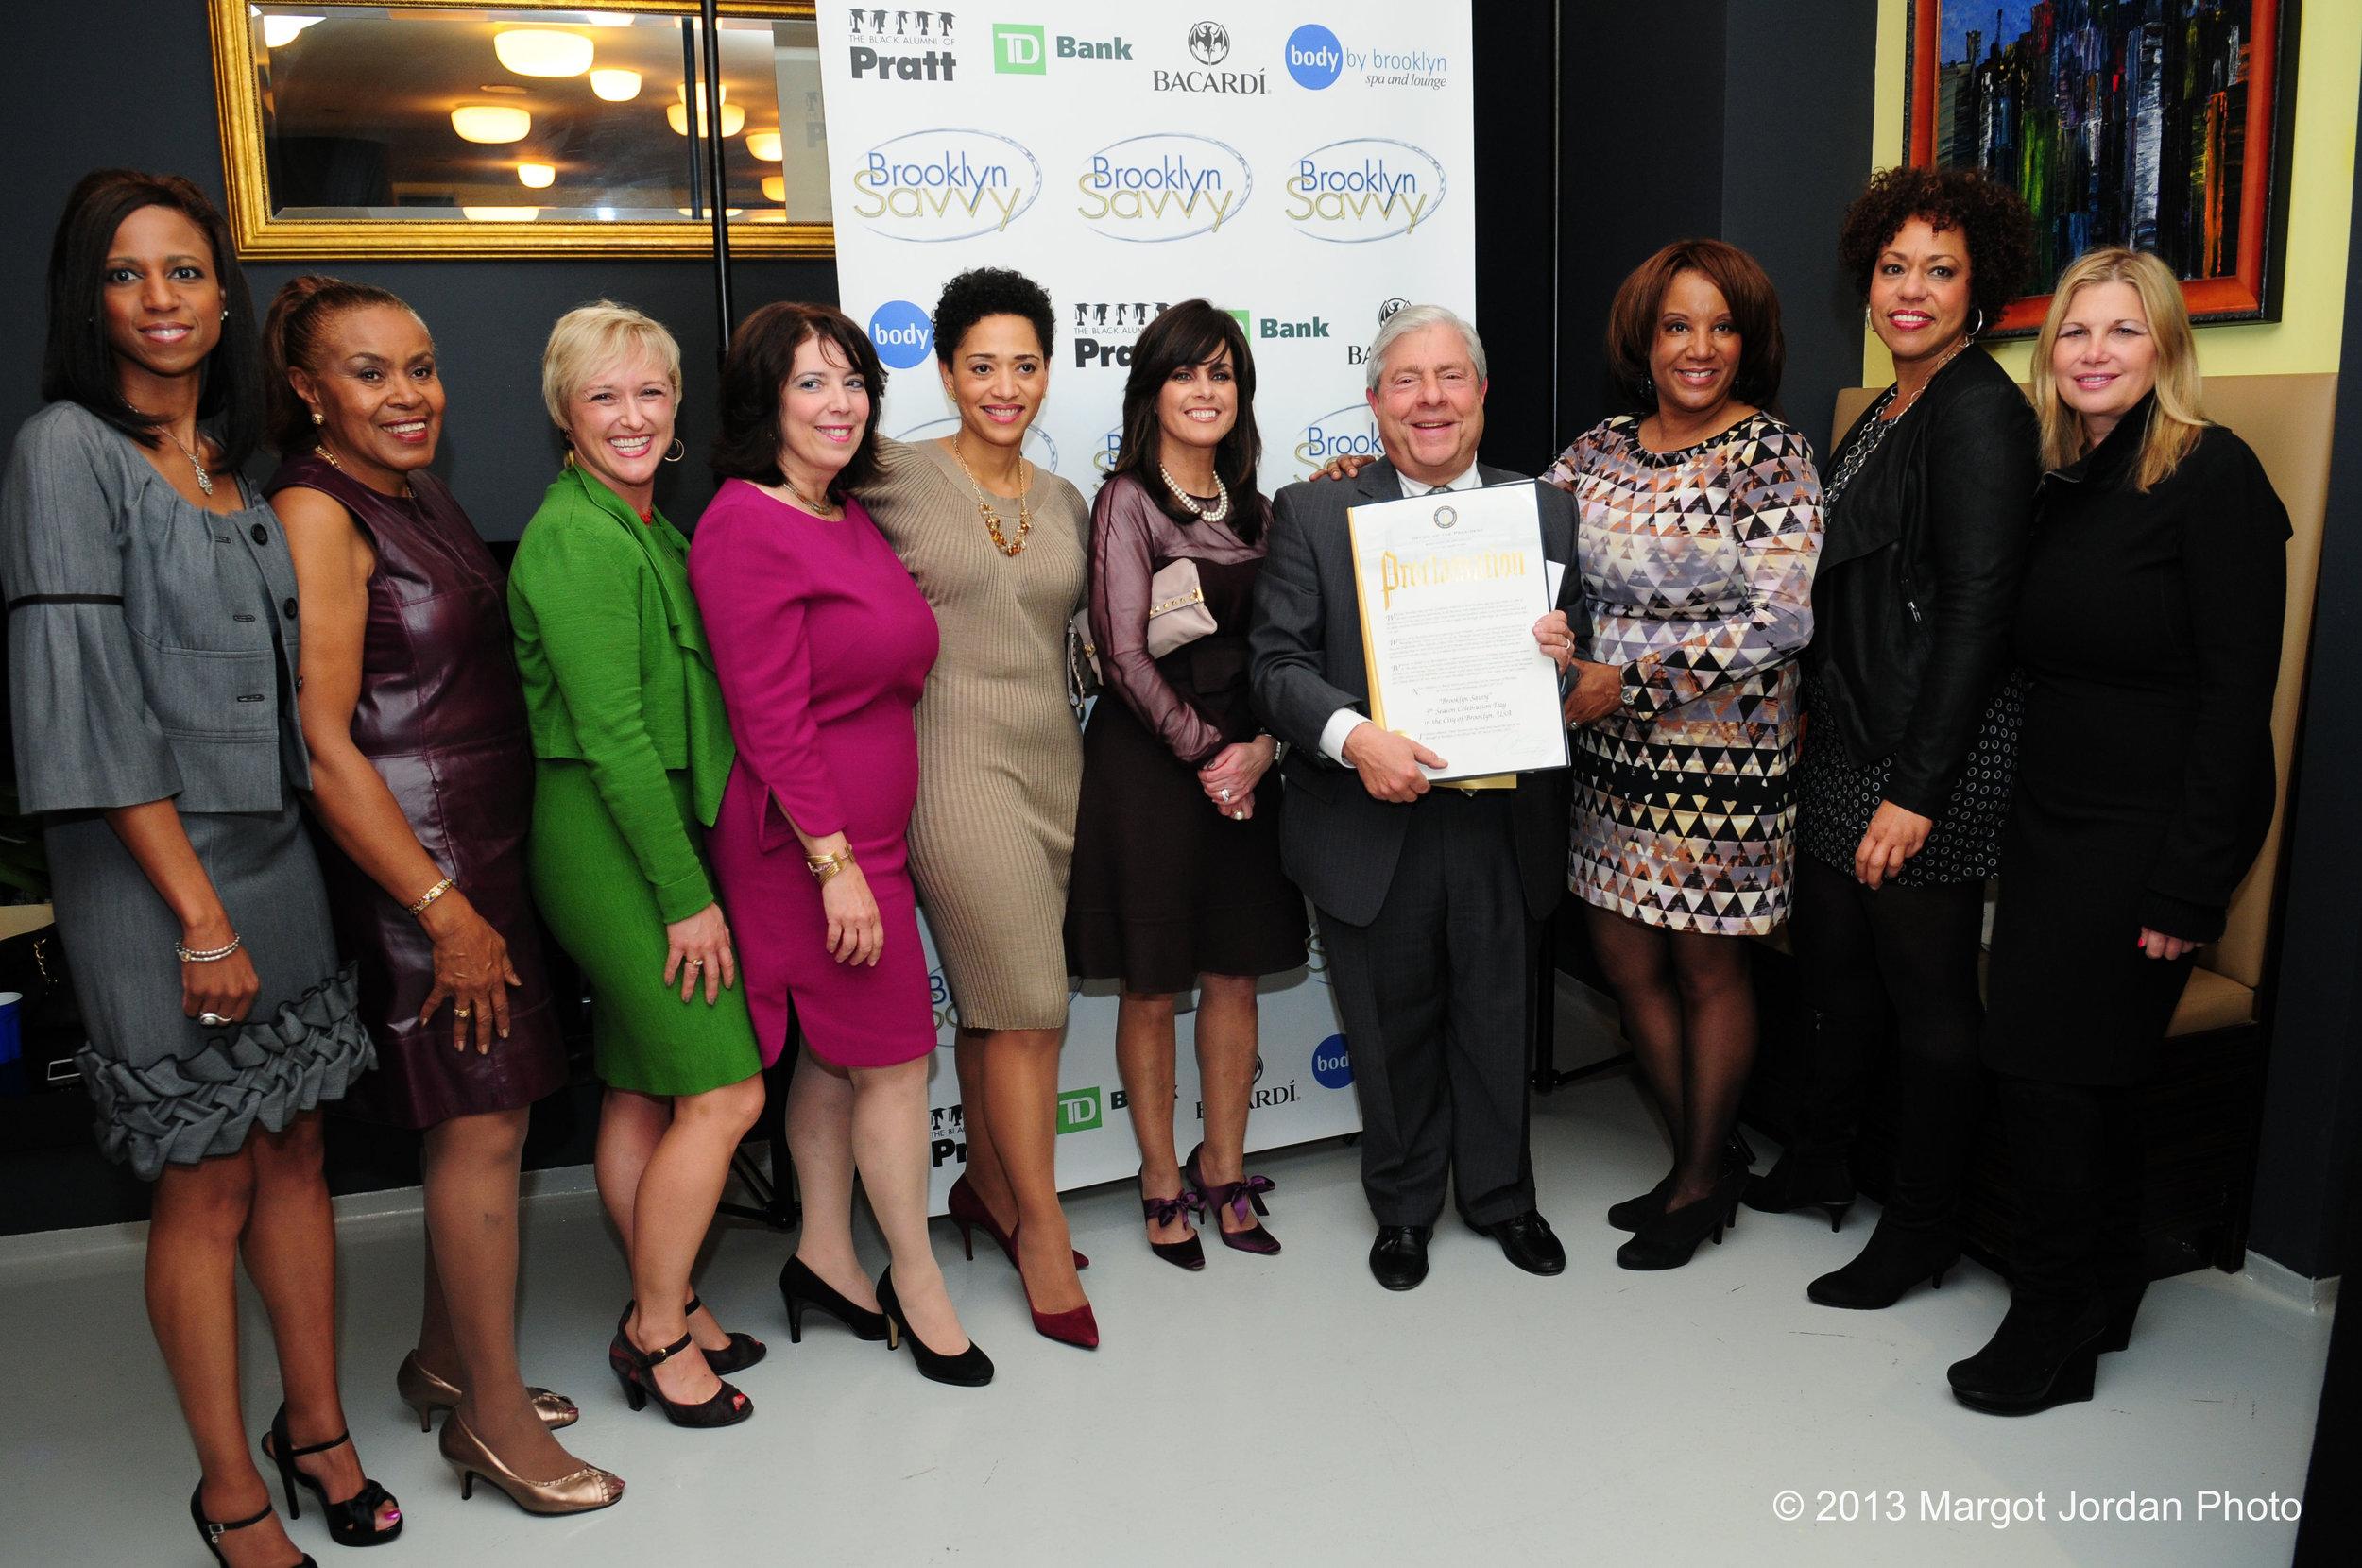 Brooklyn Savvy & former Brooklyn Borough Hall President Marty Markowitz